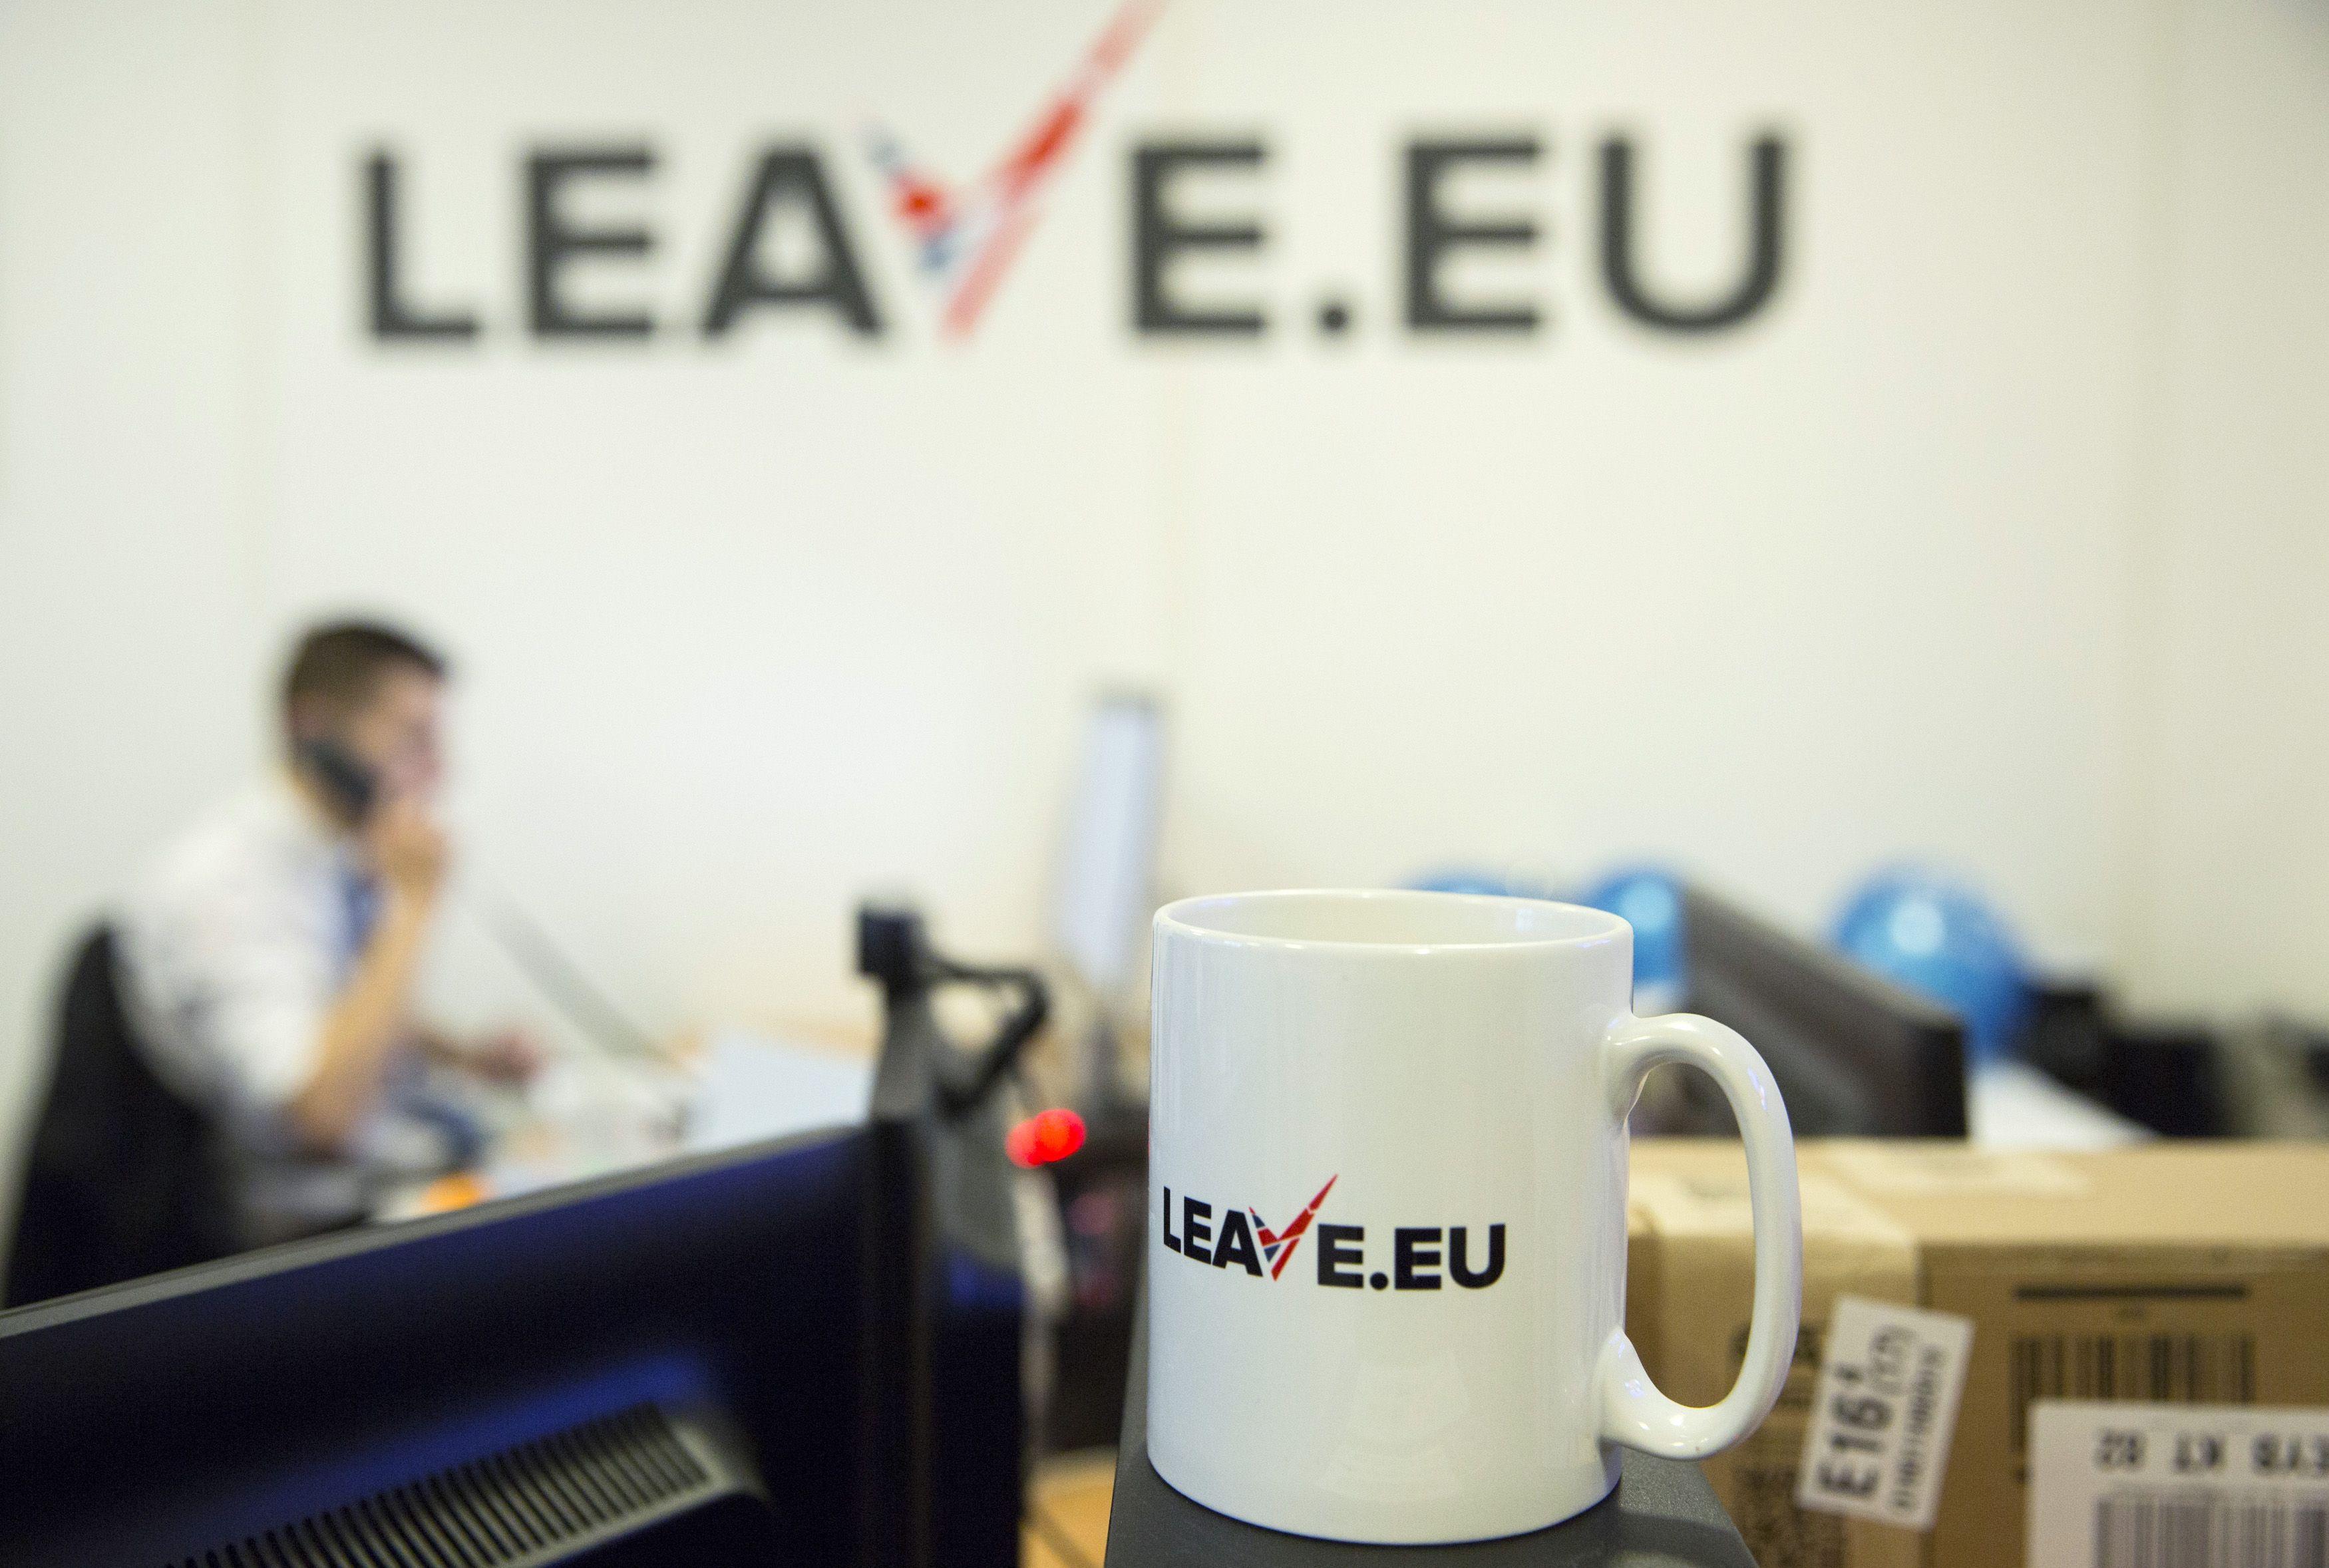 Lietuviai naudojasi nerimo d�l �Brexit� sukurta proga